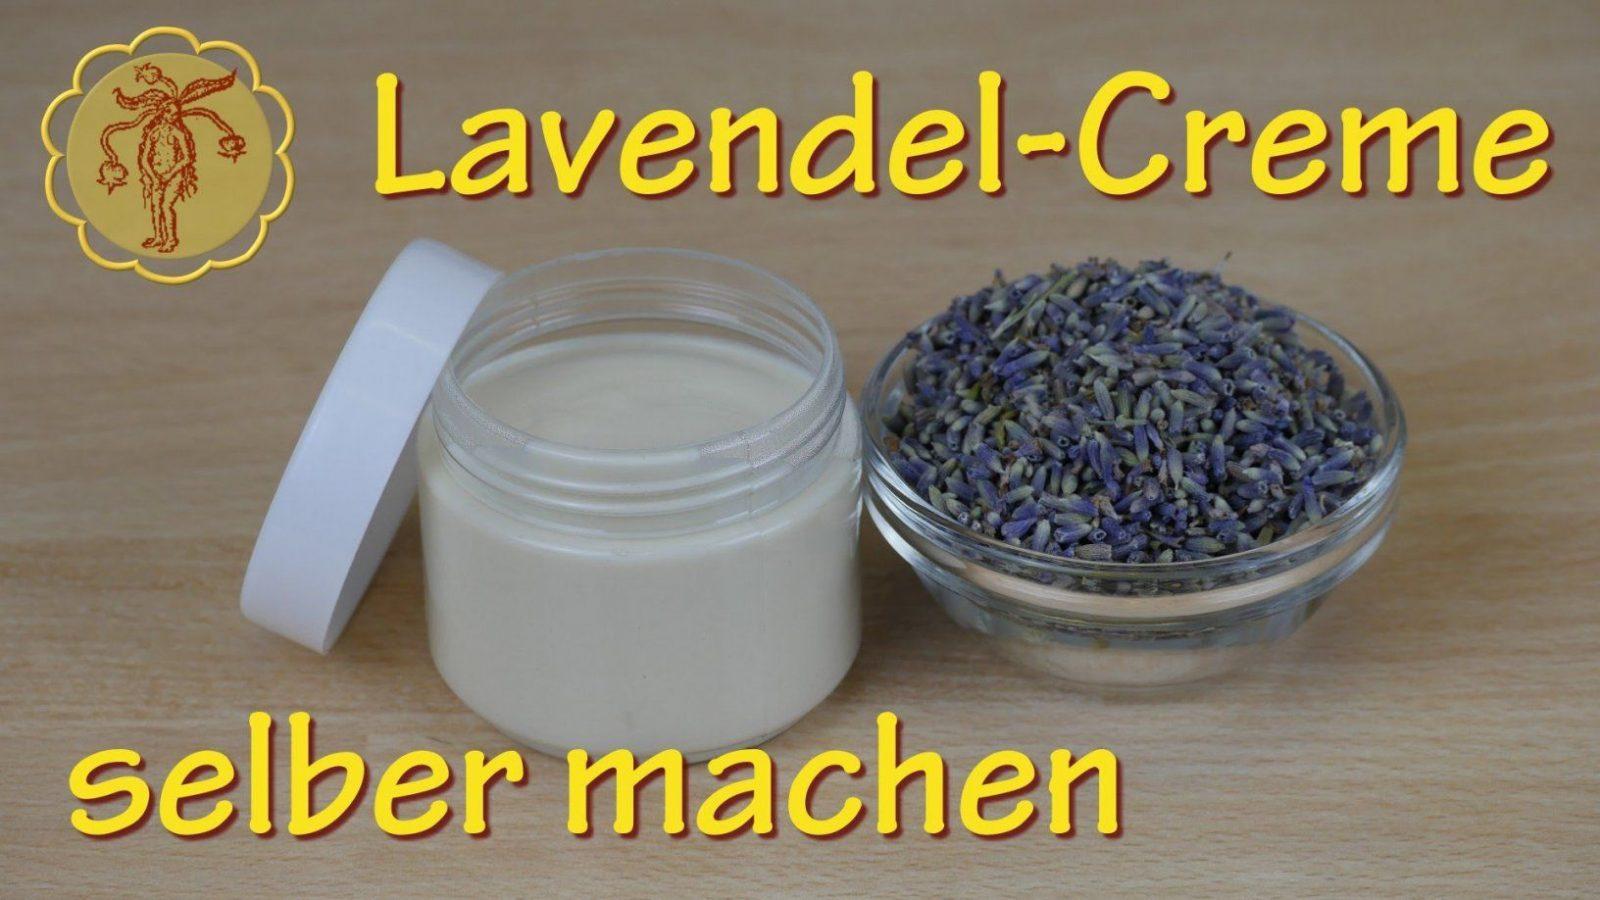 Lavendelcreme Selber Machen  Für Unreine Gereizte Haut  Youtube von Lavendel Creme Selber Machen Bild